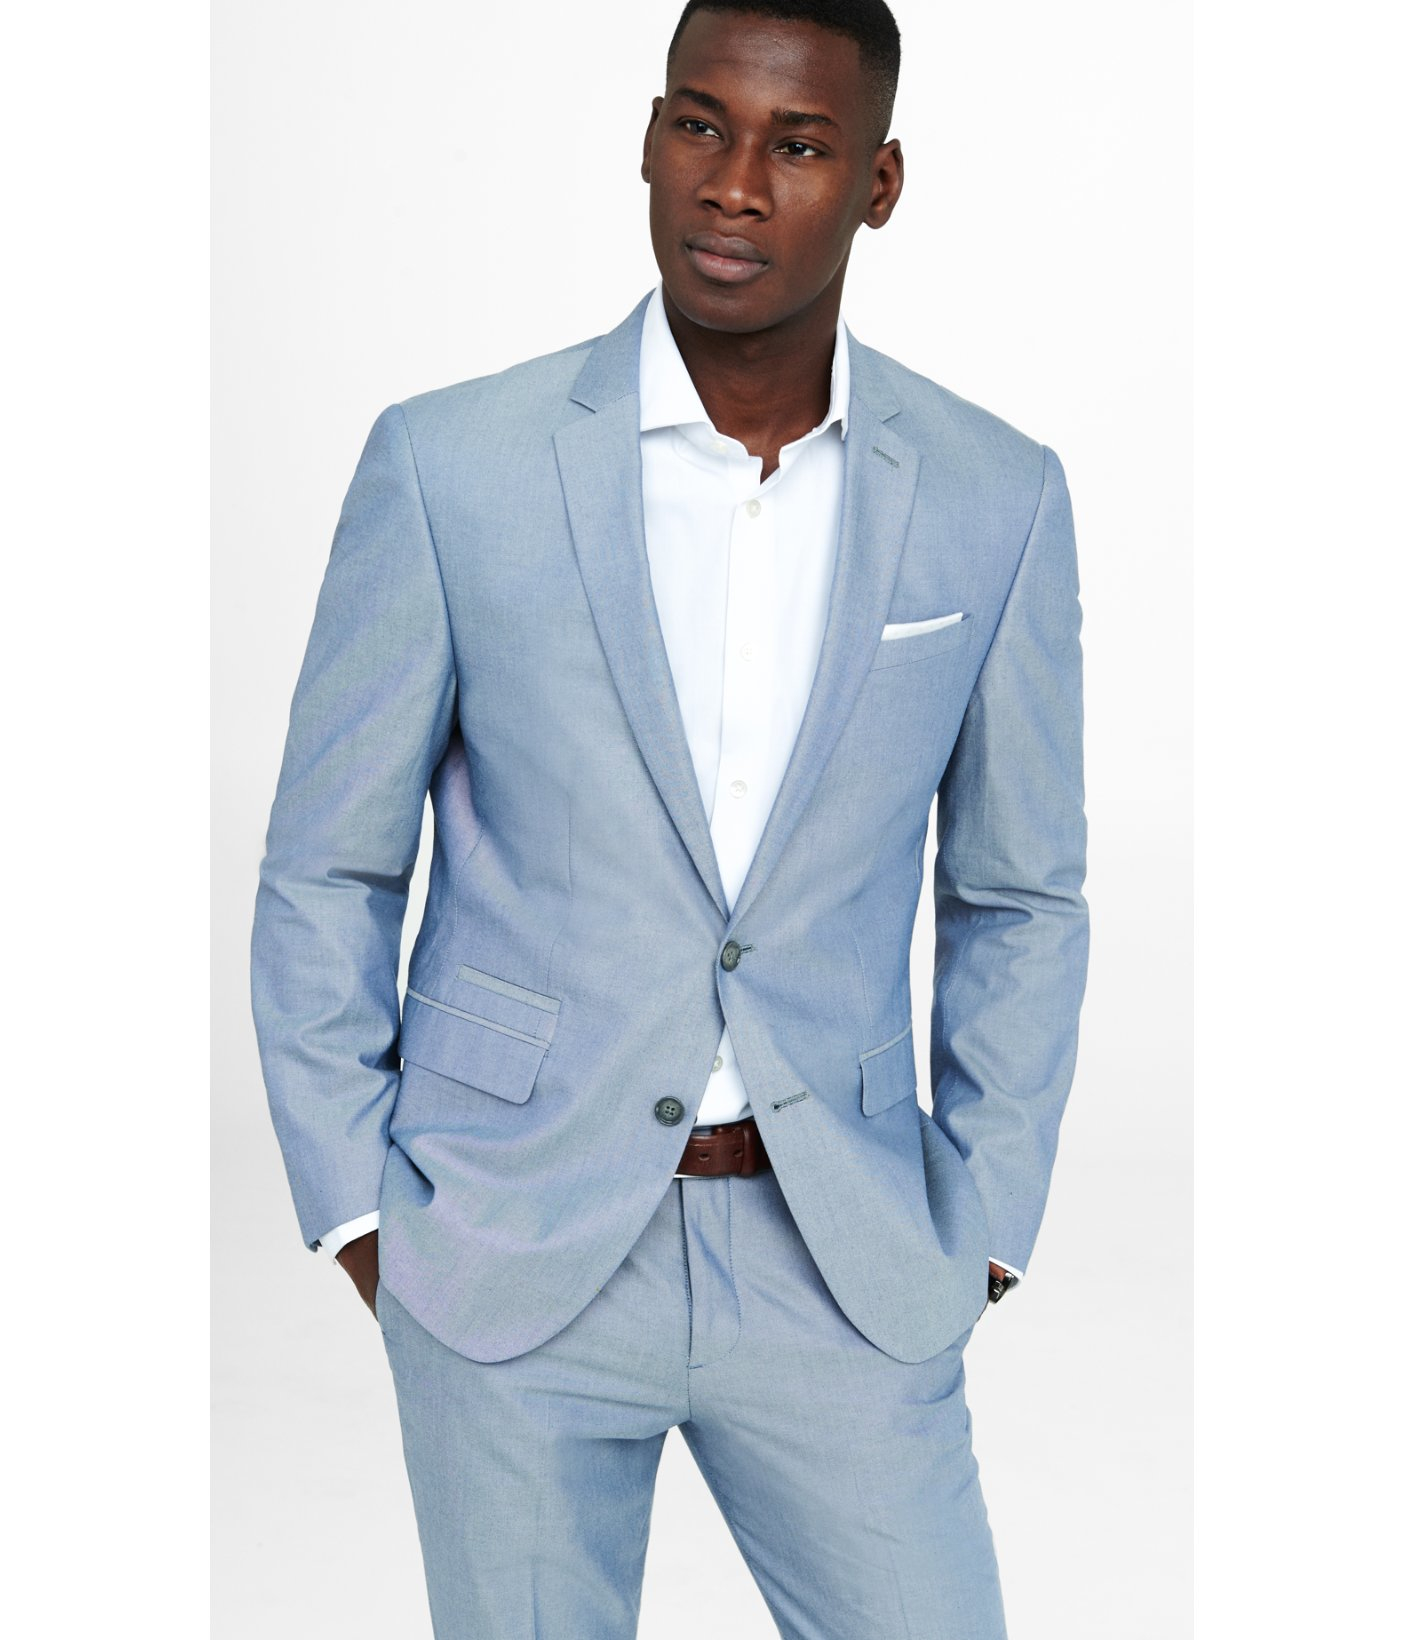 Men's Blue Oxford Cloth Photographer Suit Jacket